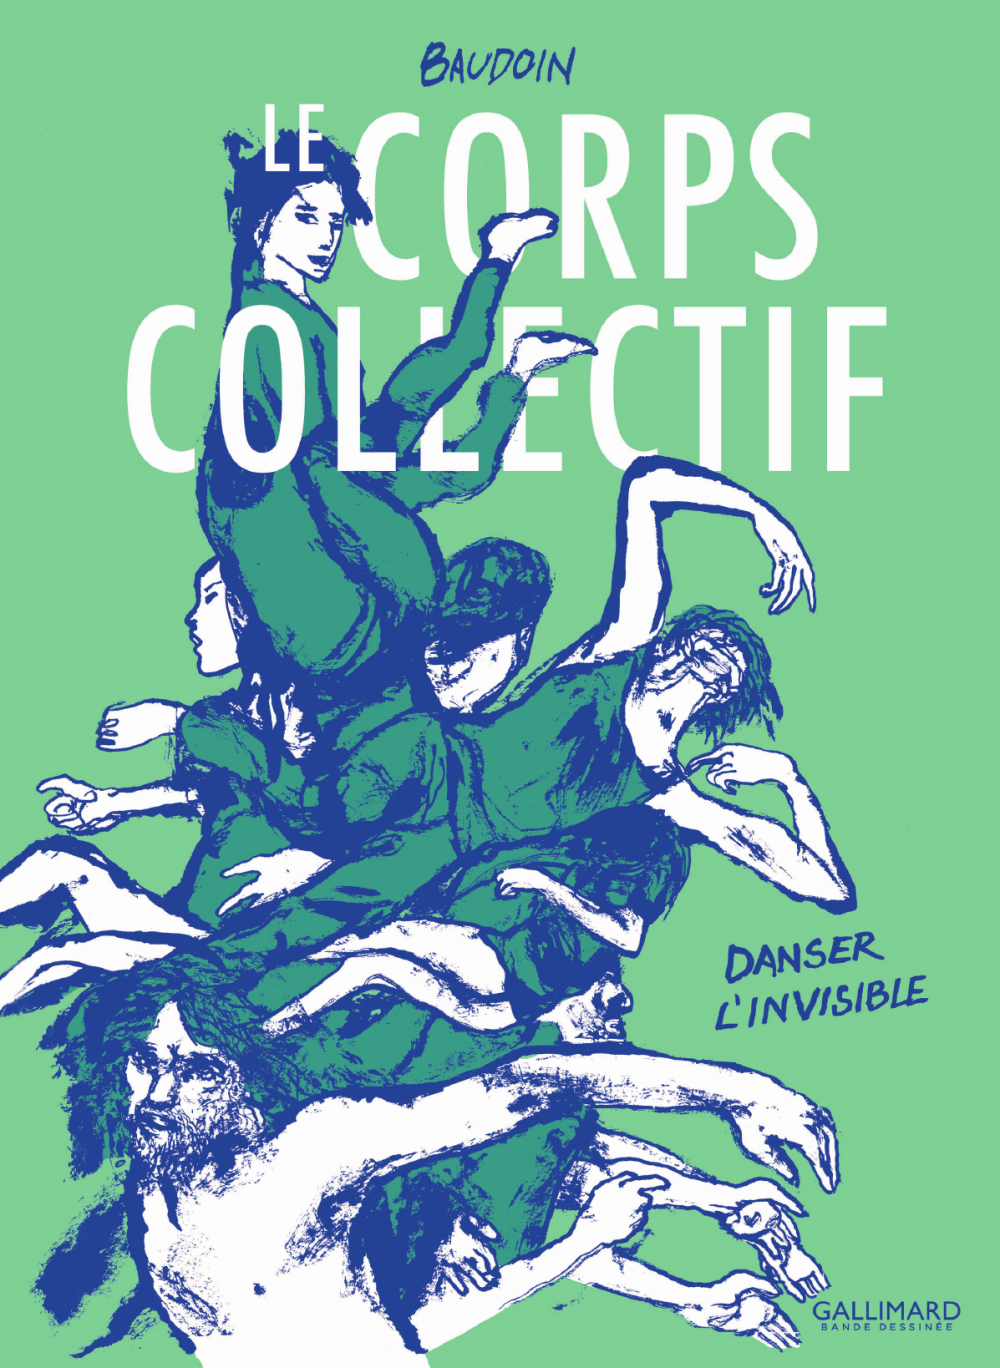 Le corps collectif. Danser l'invisible | Baudoin, Edmond (1942-....). Auteur